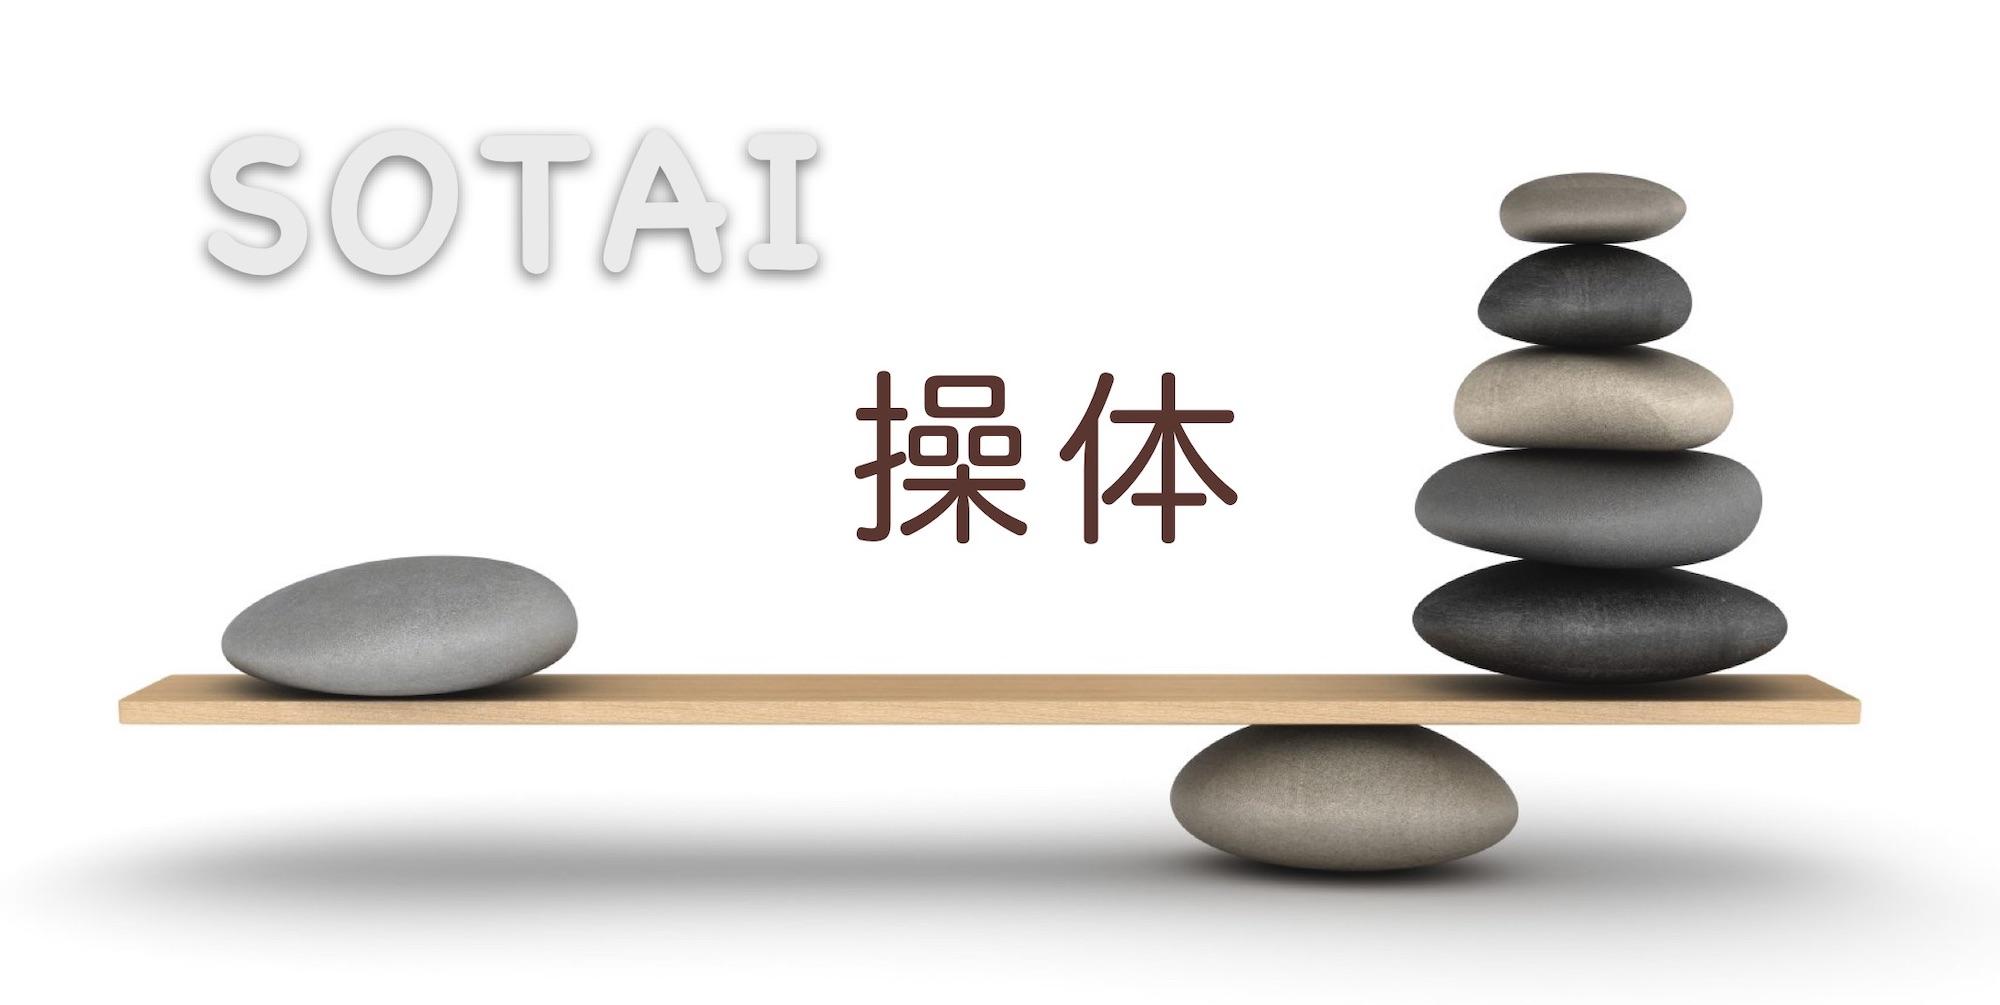 sotai-logo-white